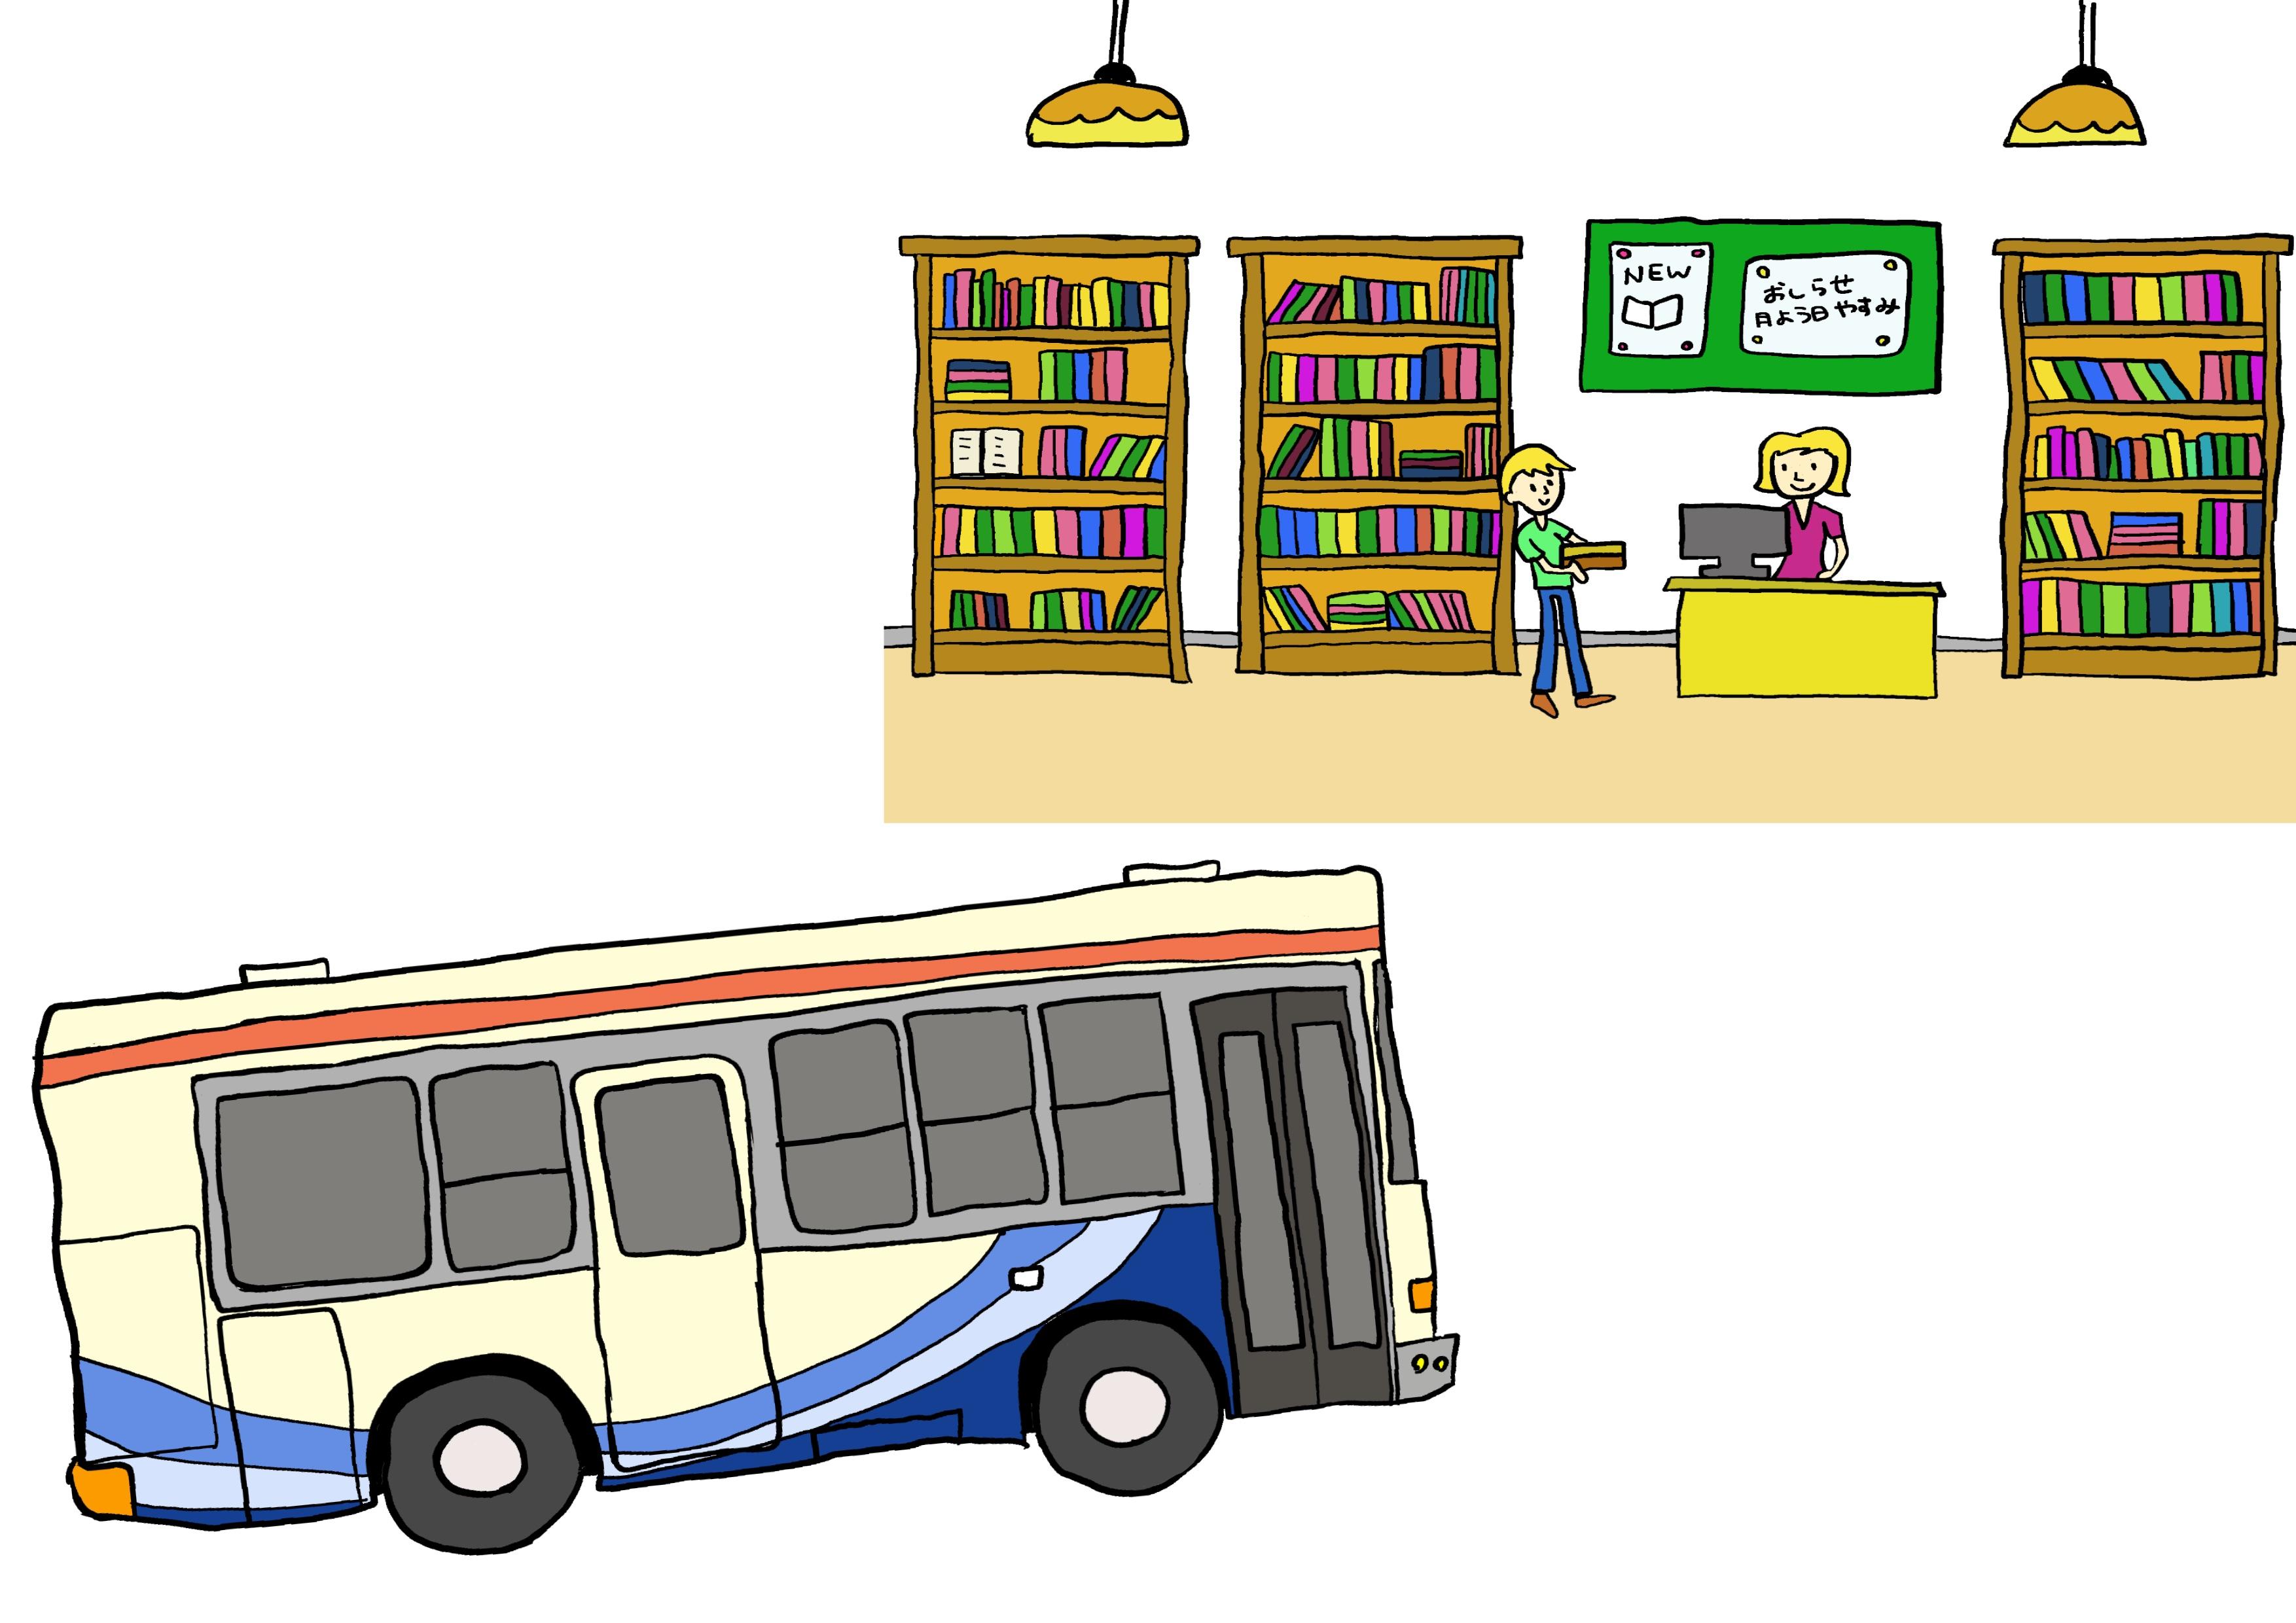 5課イラスト【バスで図書館へ行きます】